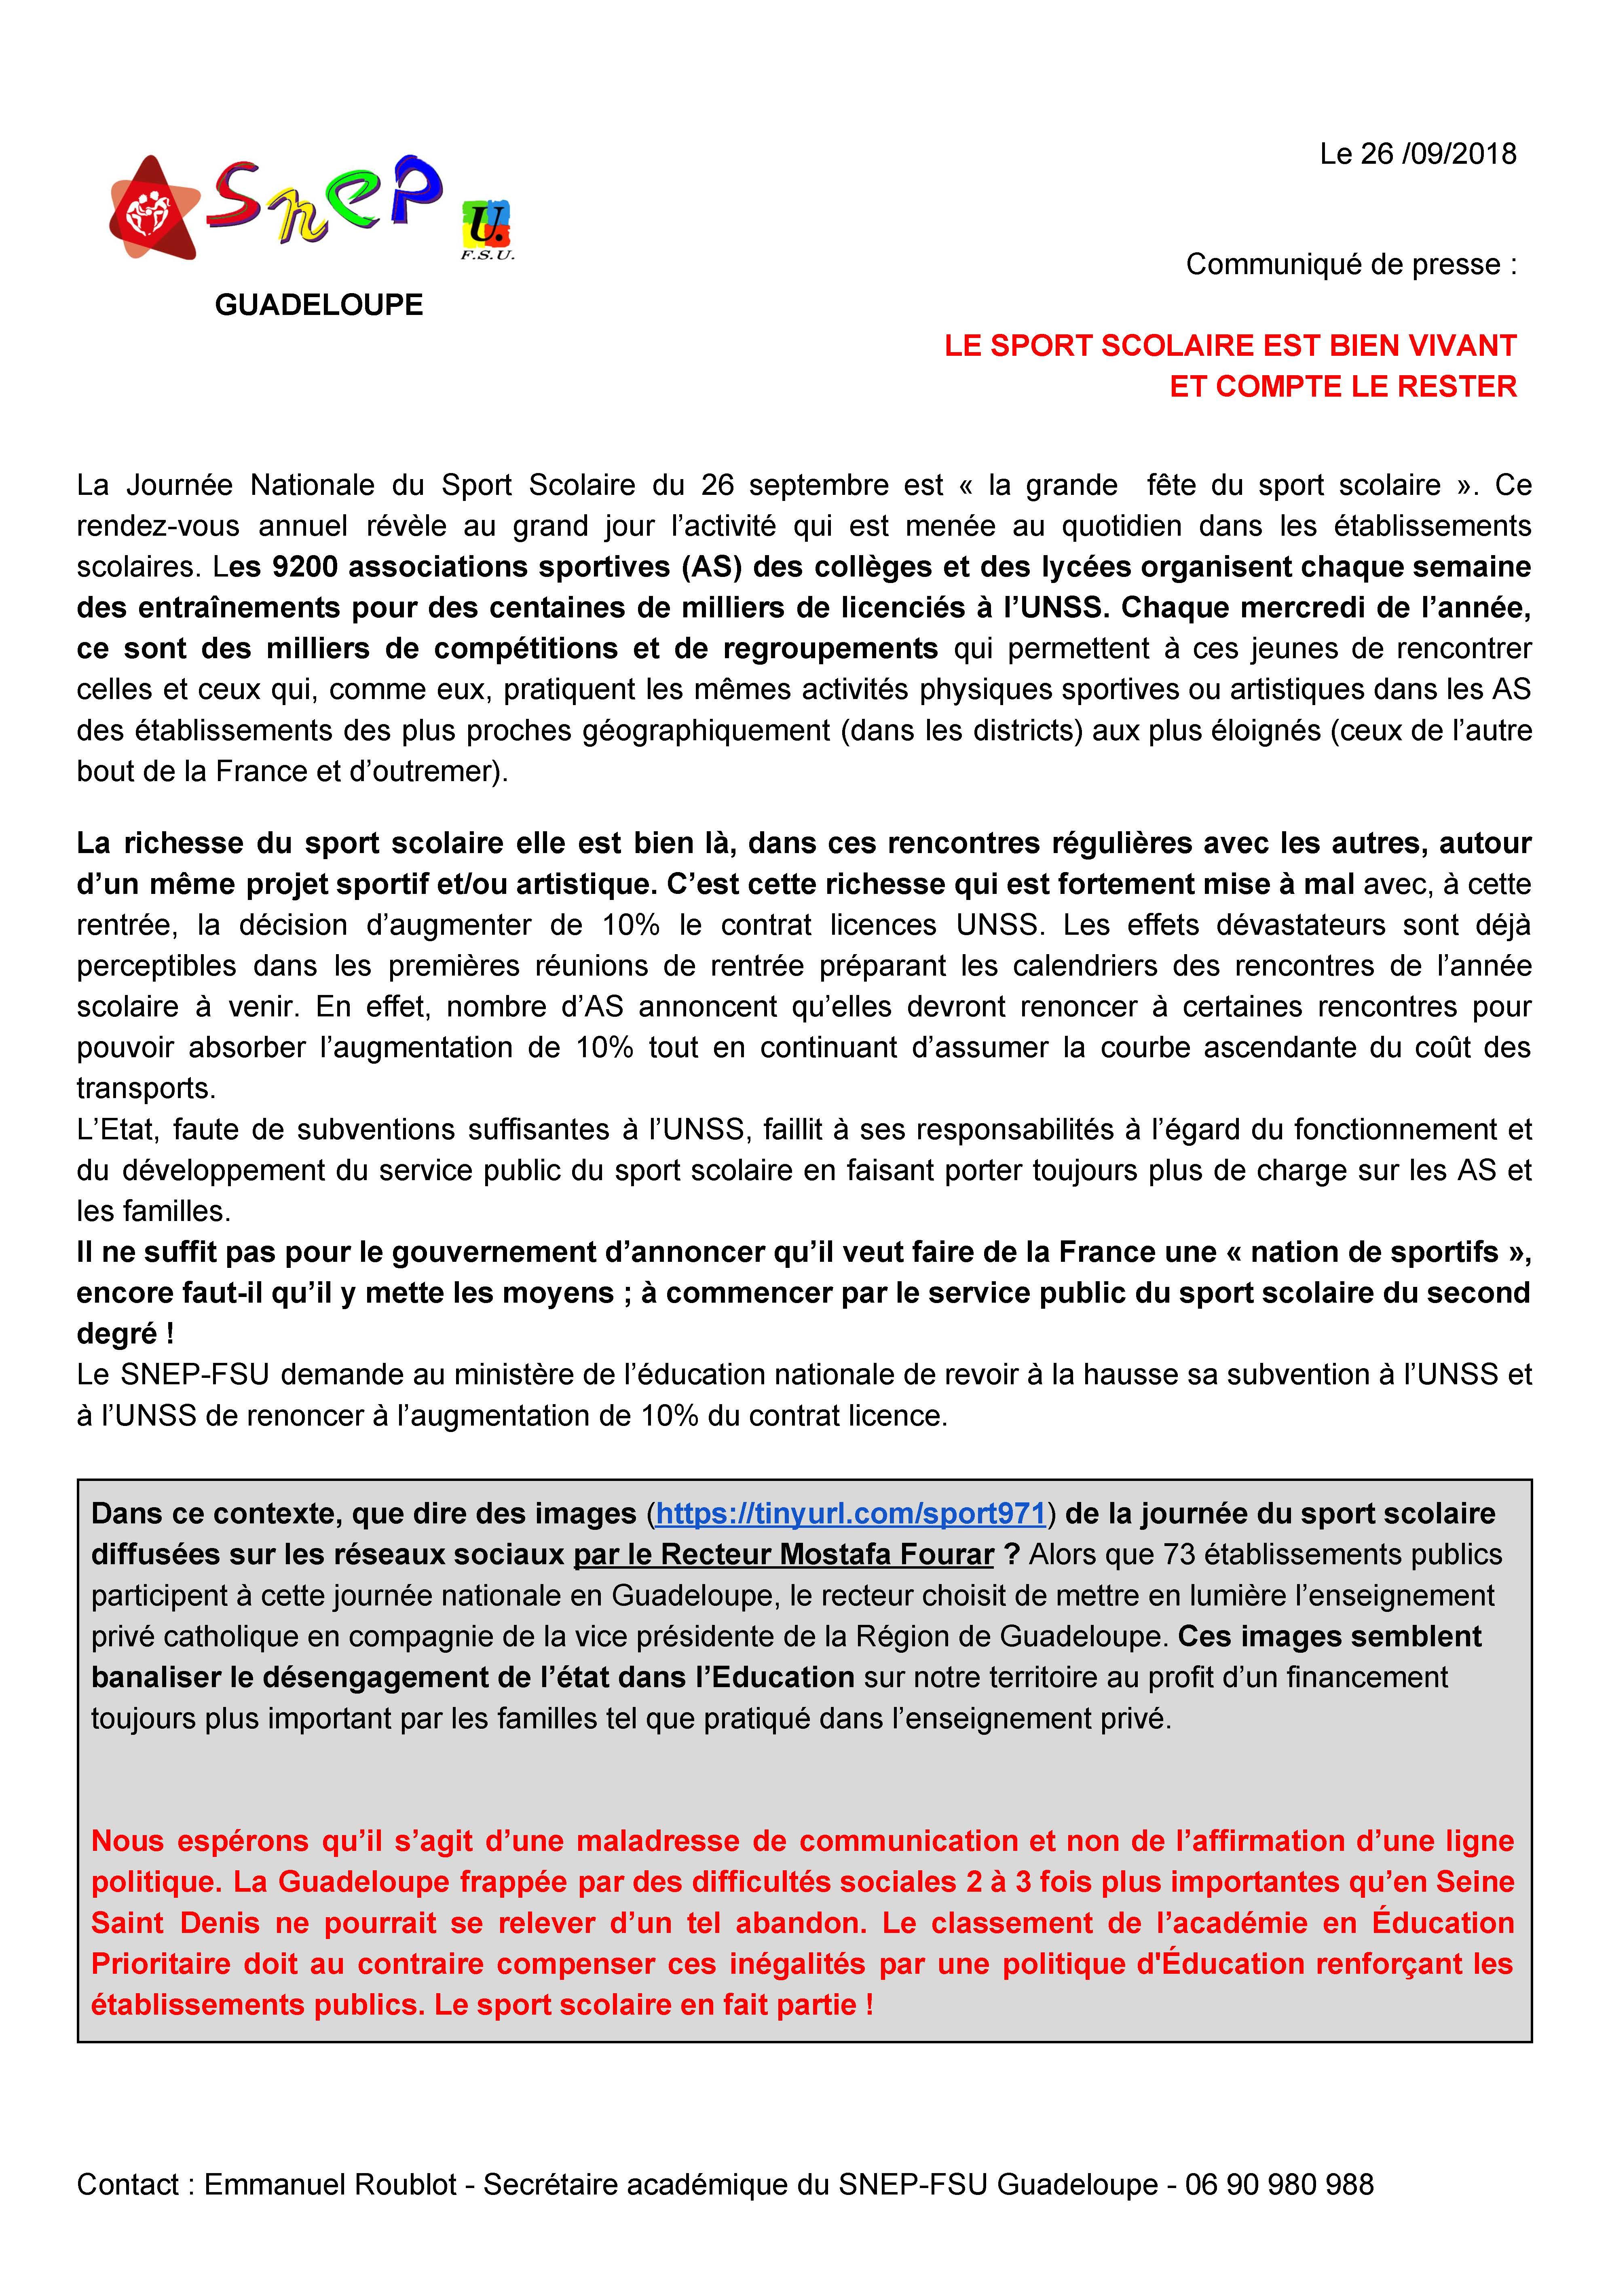 thumbnail of Communiqué de presse SNEP-FSU Guadeloupe Le sport scolaire est bien vivant et compte le rester !(5)-1